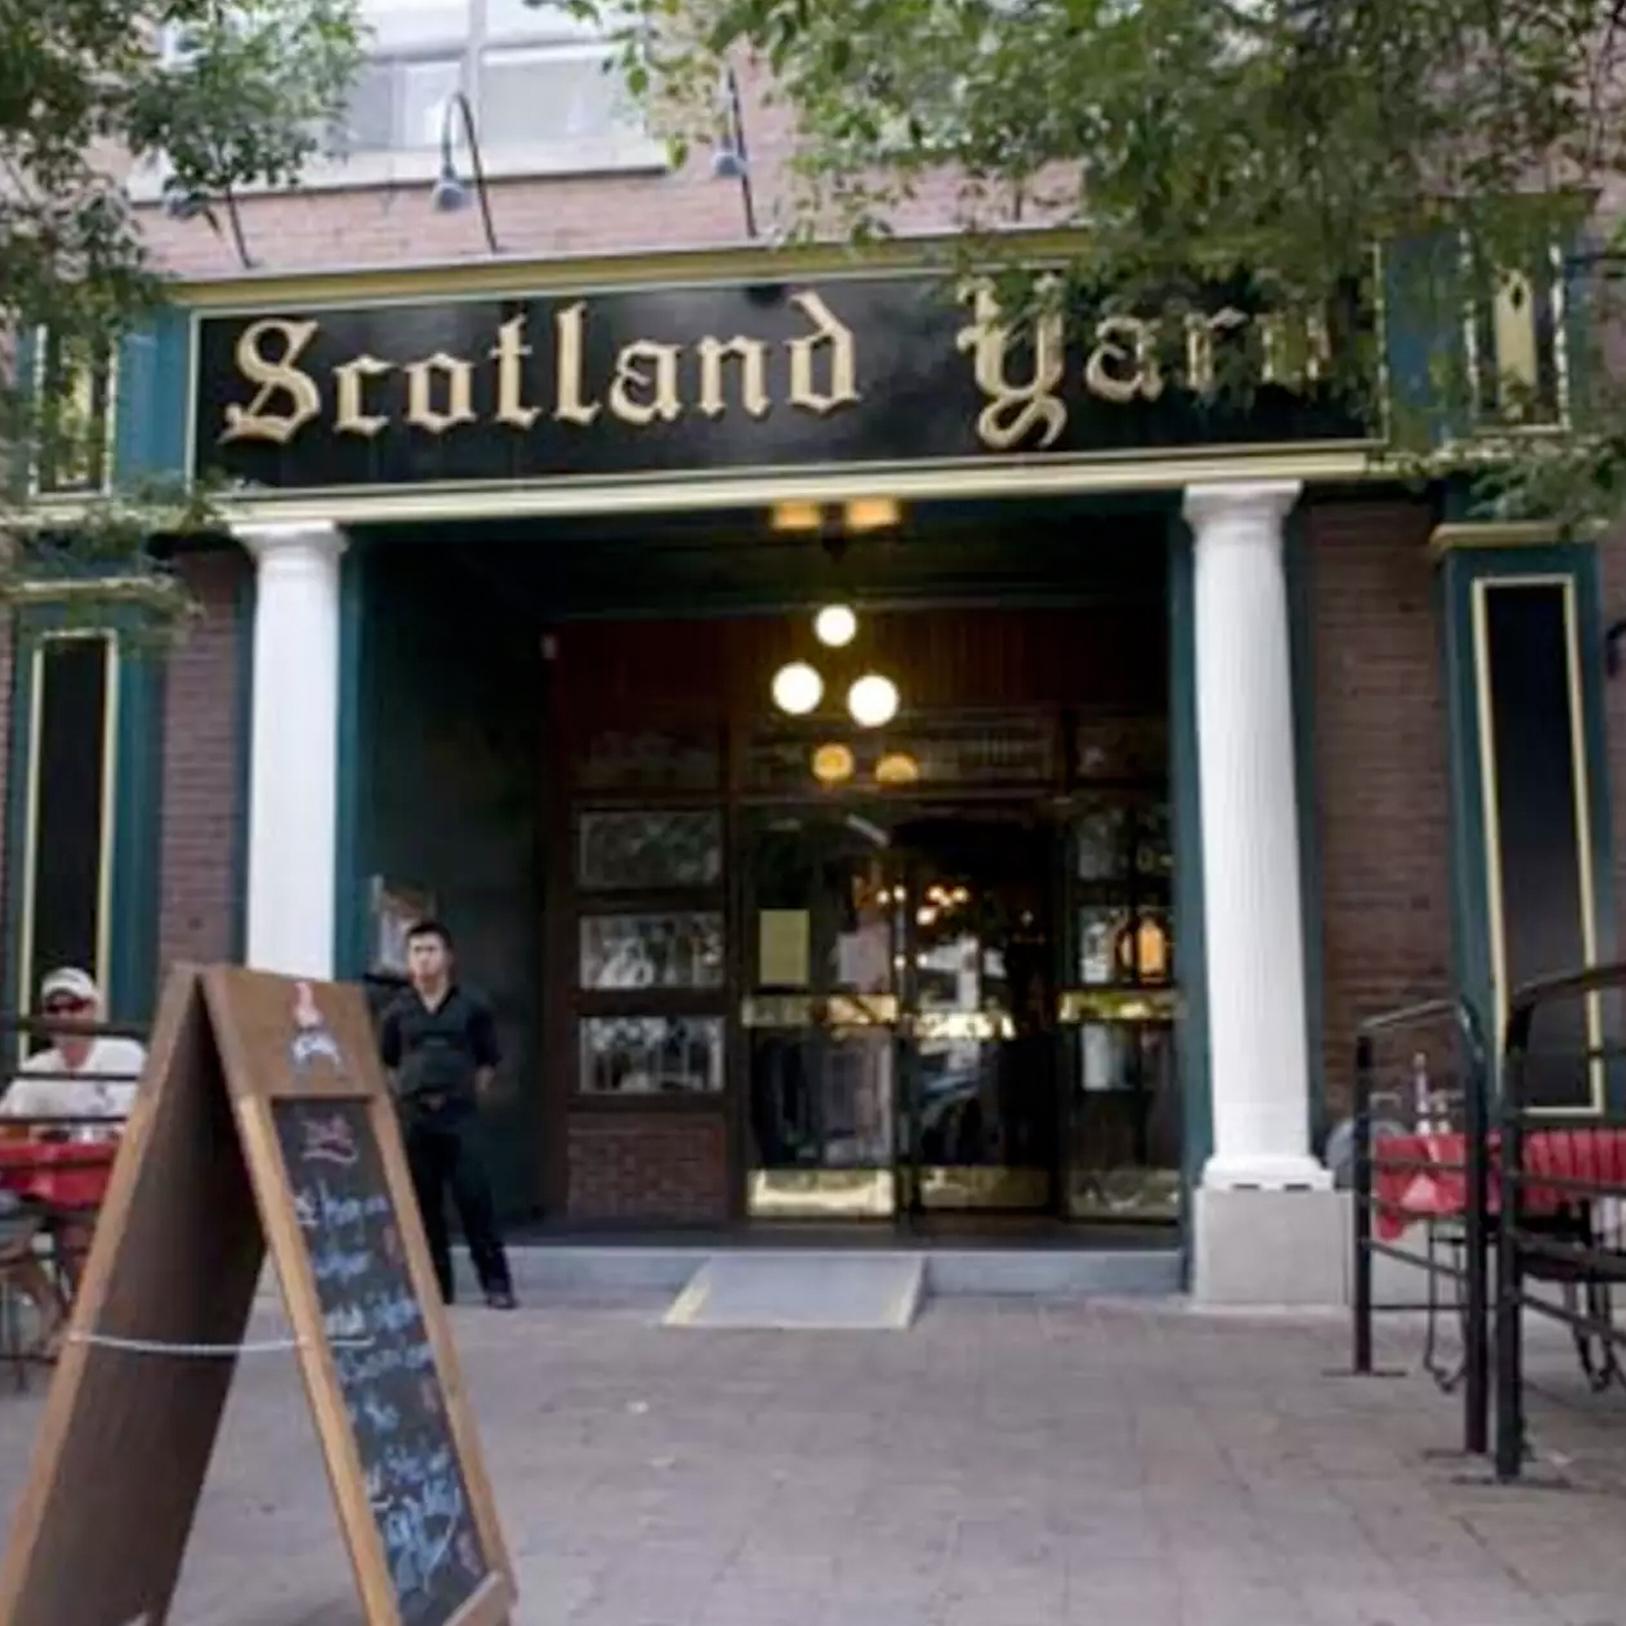 SCOTLAND YARD BAR